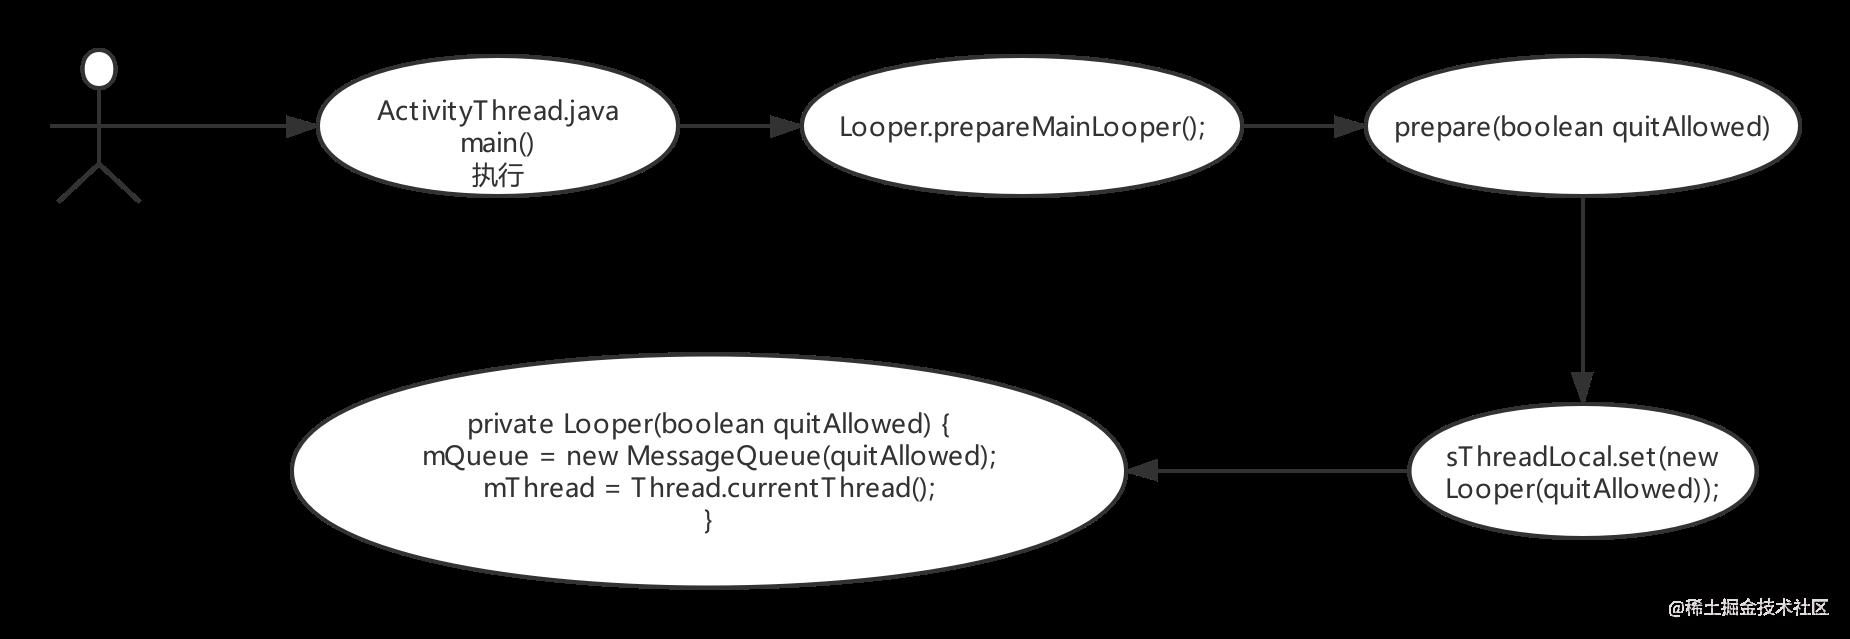 Handler--Looper-MessageQueue.png